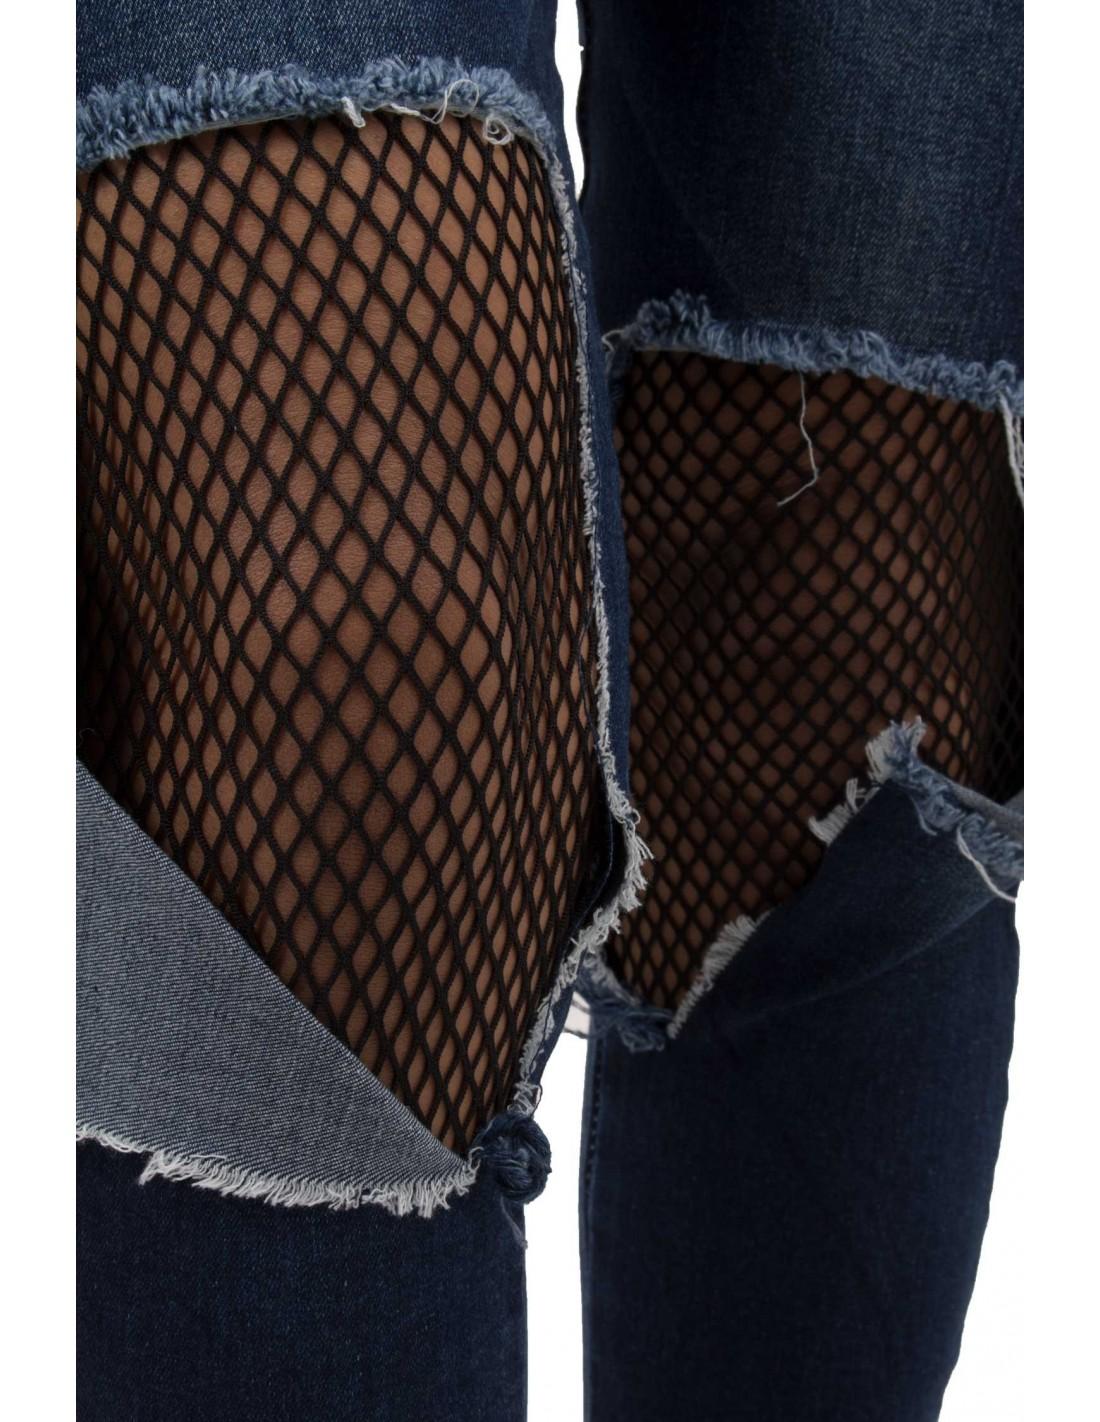 ... Jean femme troué avec collant résille noir intégré taille haute coupe  slim bleu délavé 02d6815c9d39